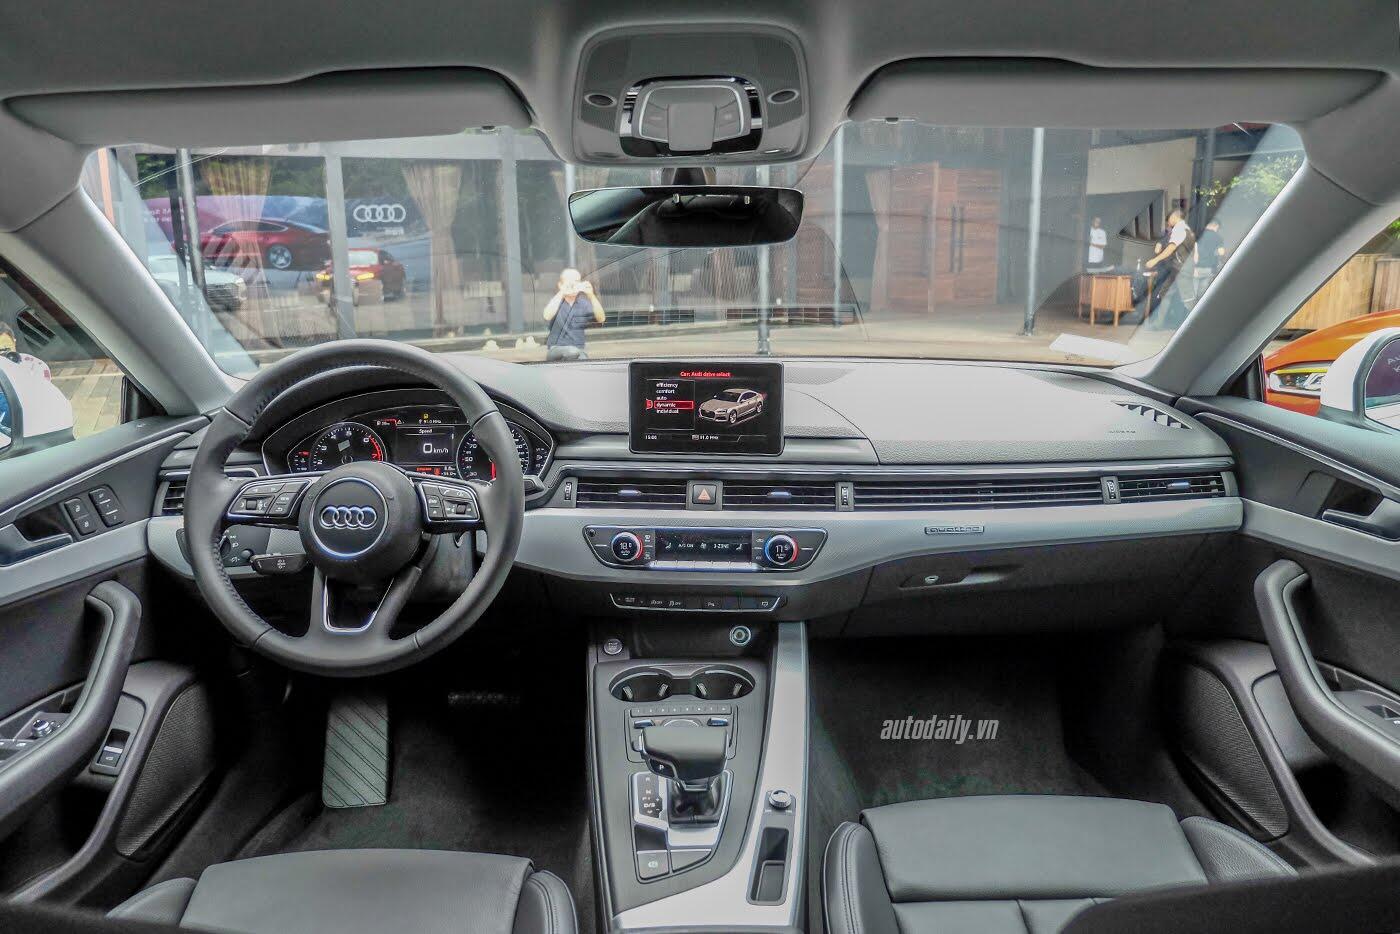 Audi A5 Sportback 2017 chính thức ra mắt tại Việt Nam - Hình 8